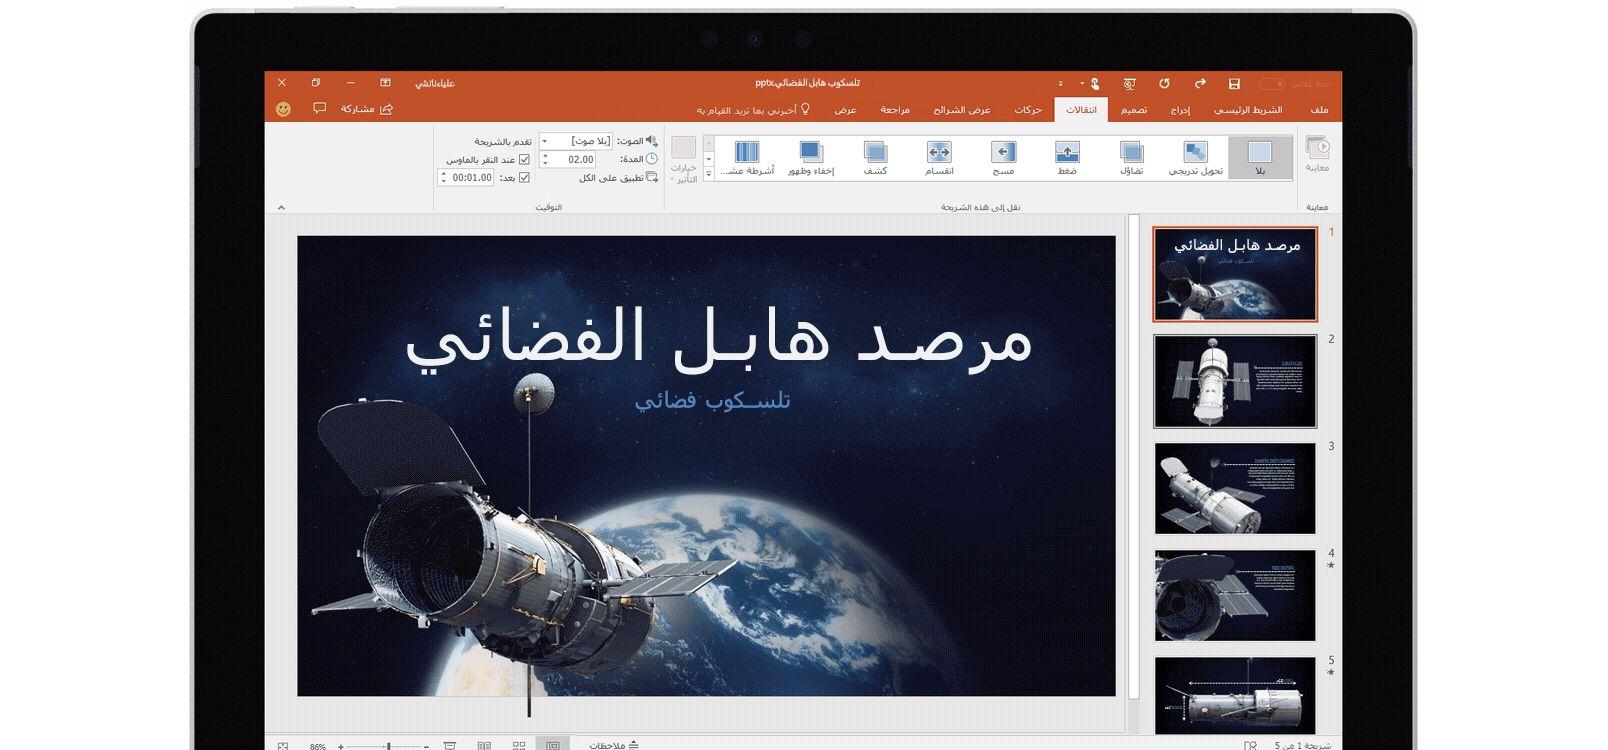 شاشة جهاز لوحي تعرض استخدام التحويل التدريجي في PowerPoint حول تلسكوبات الفضاء